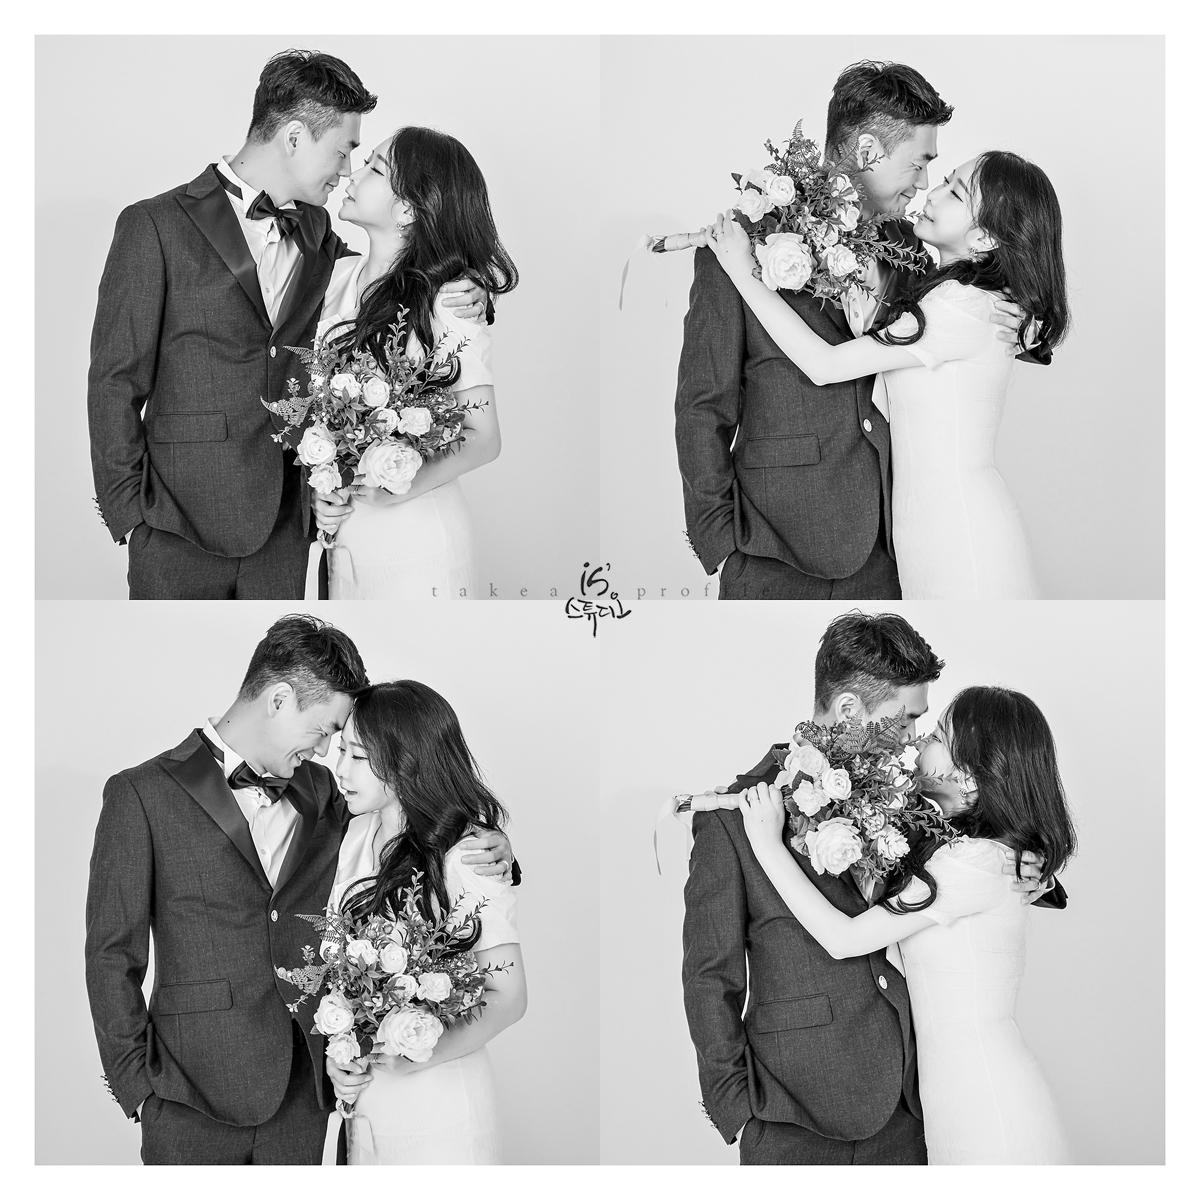 결혼전 자연스럽게 프로필촬영